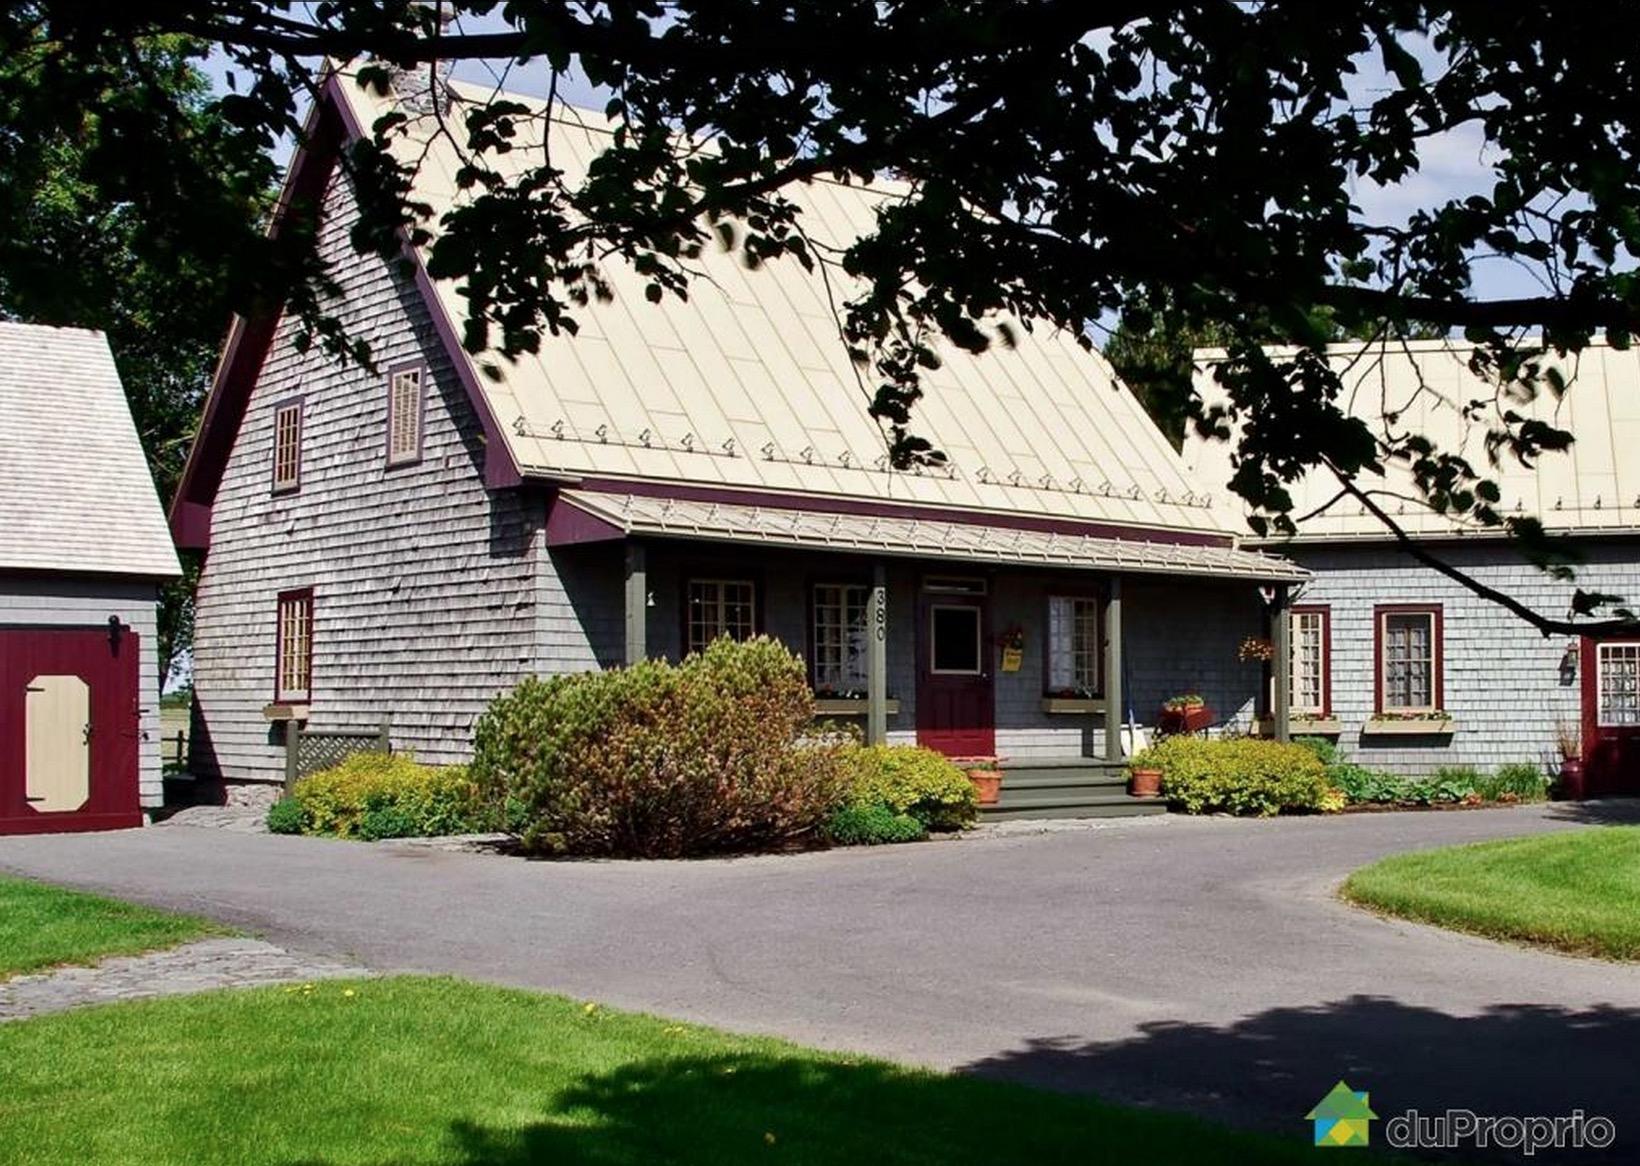 Maison-St-Jean-Sur-Richelieu-Quebec-Architecture-01